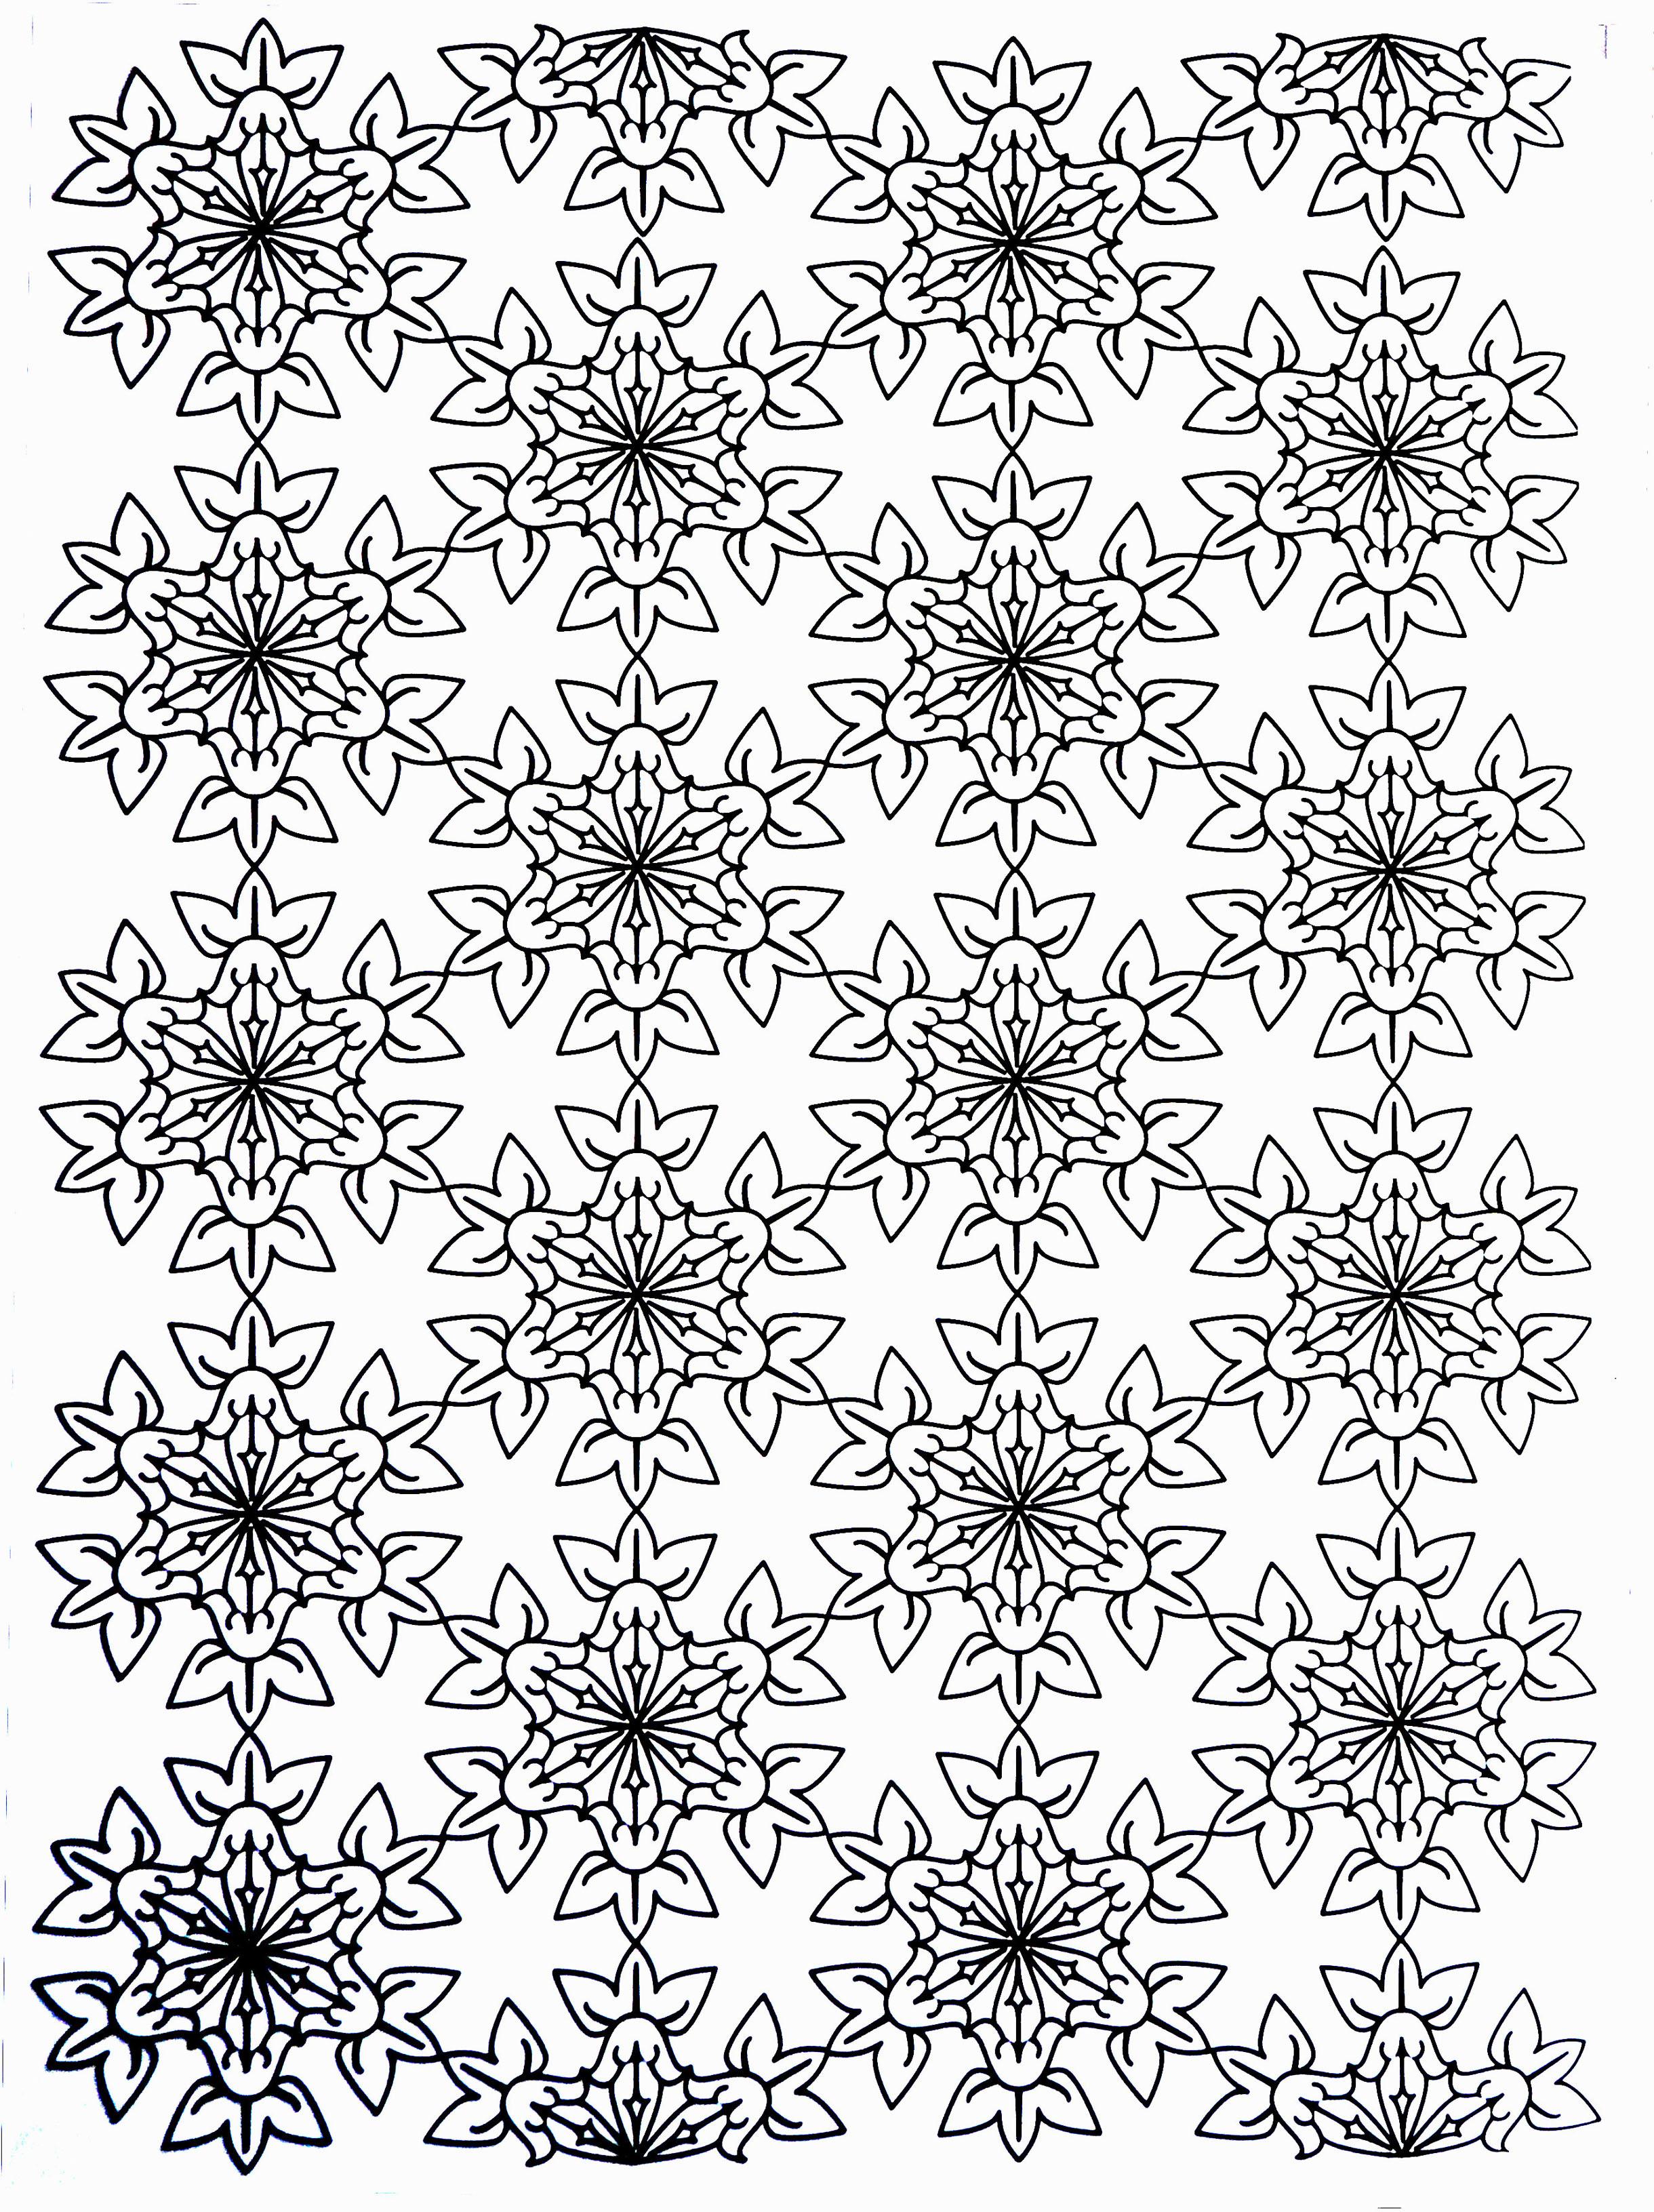 Des fleurs ressemblant à des flocons de neige